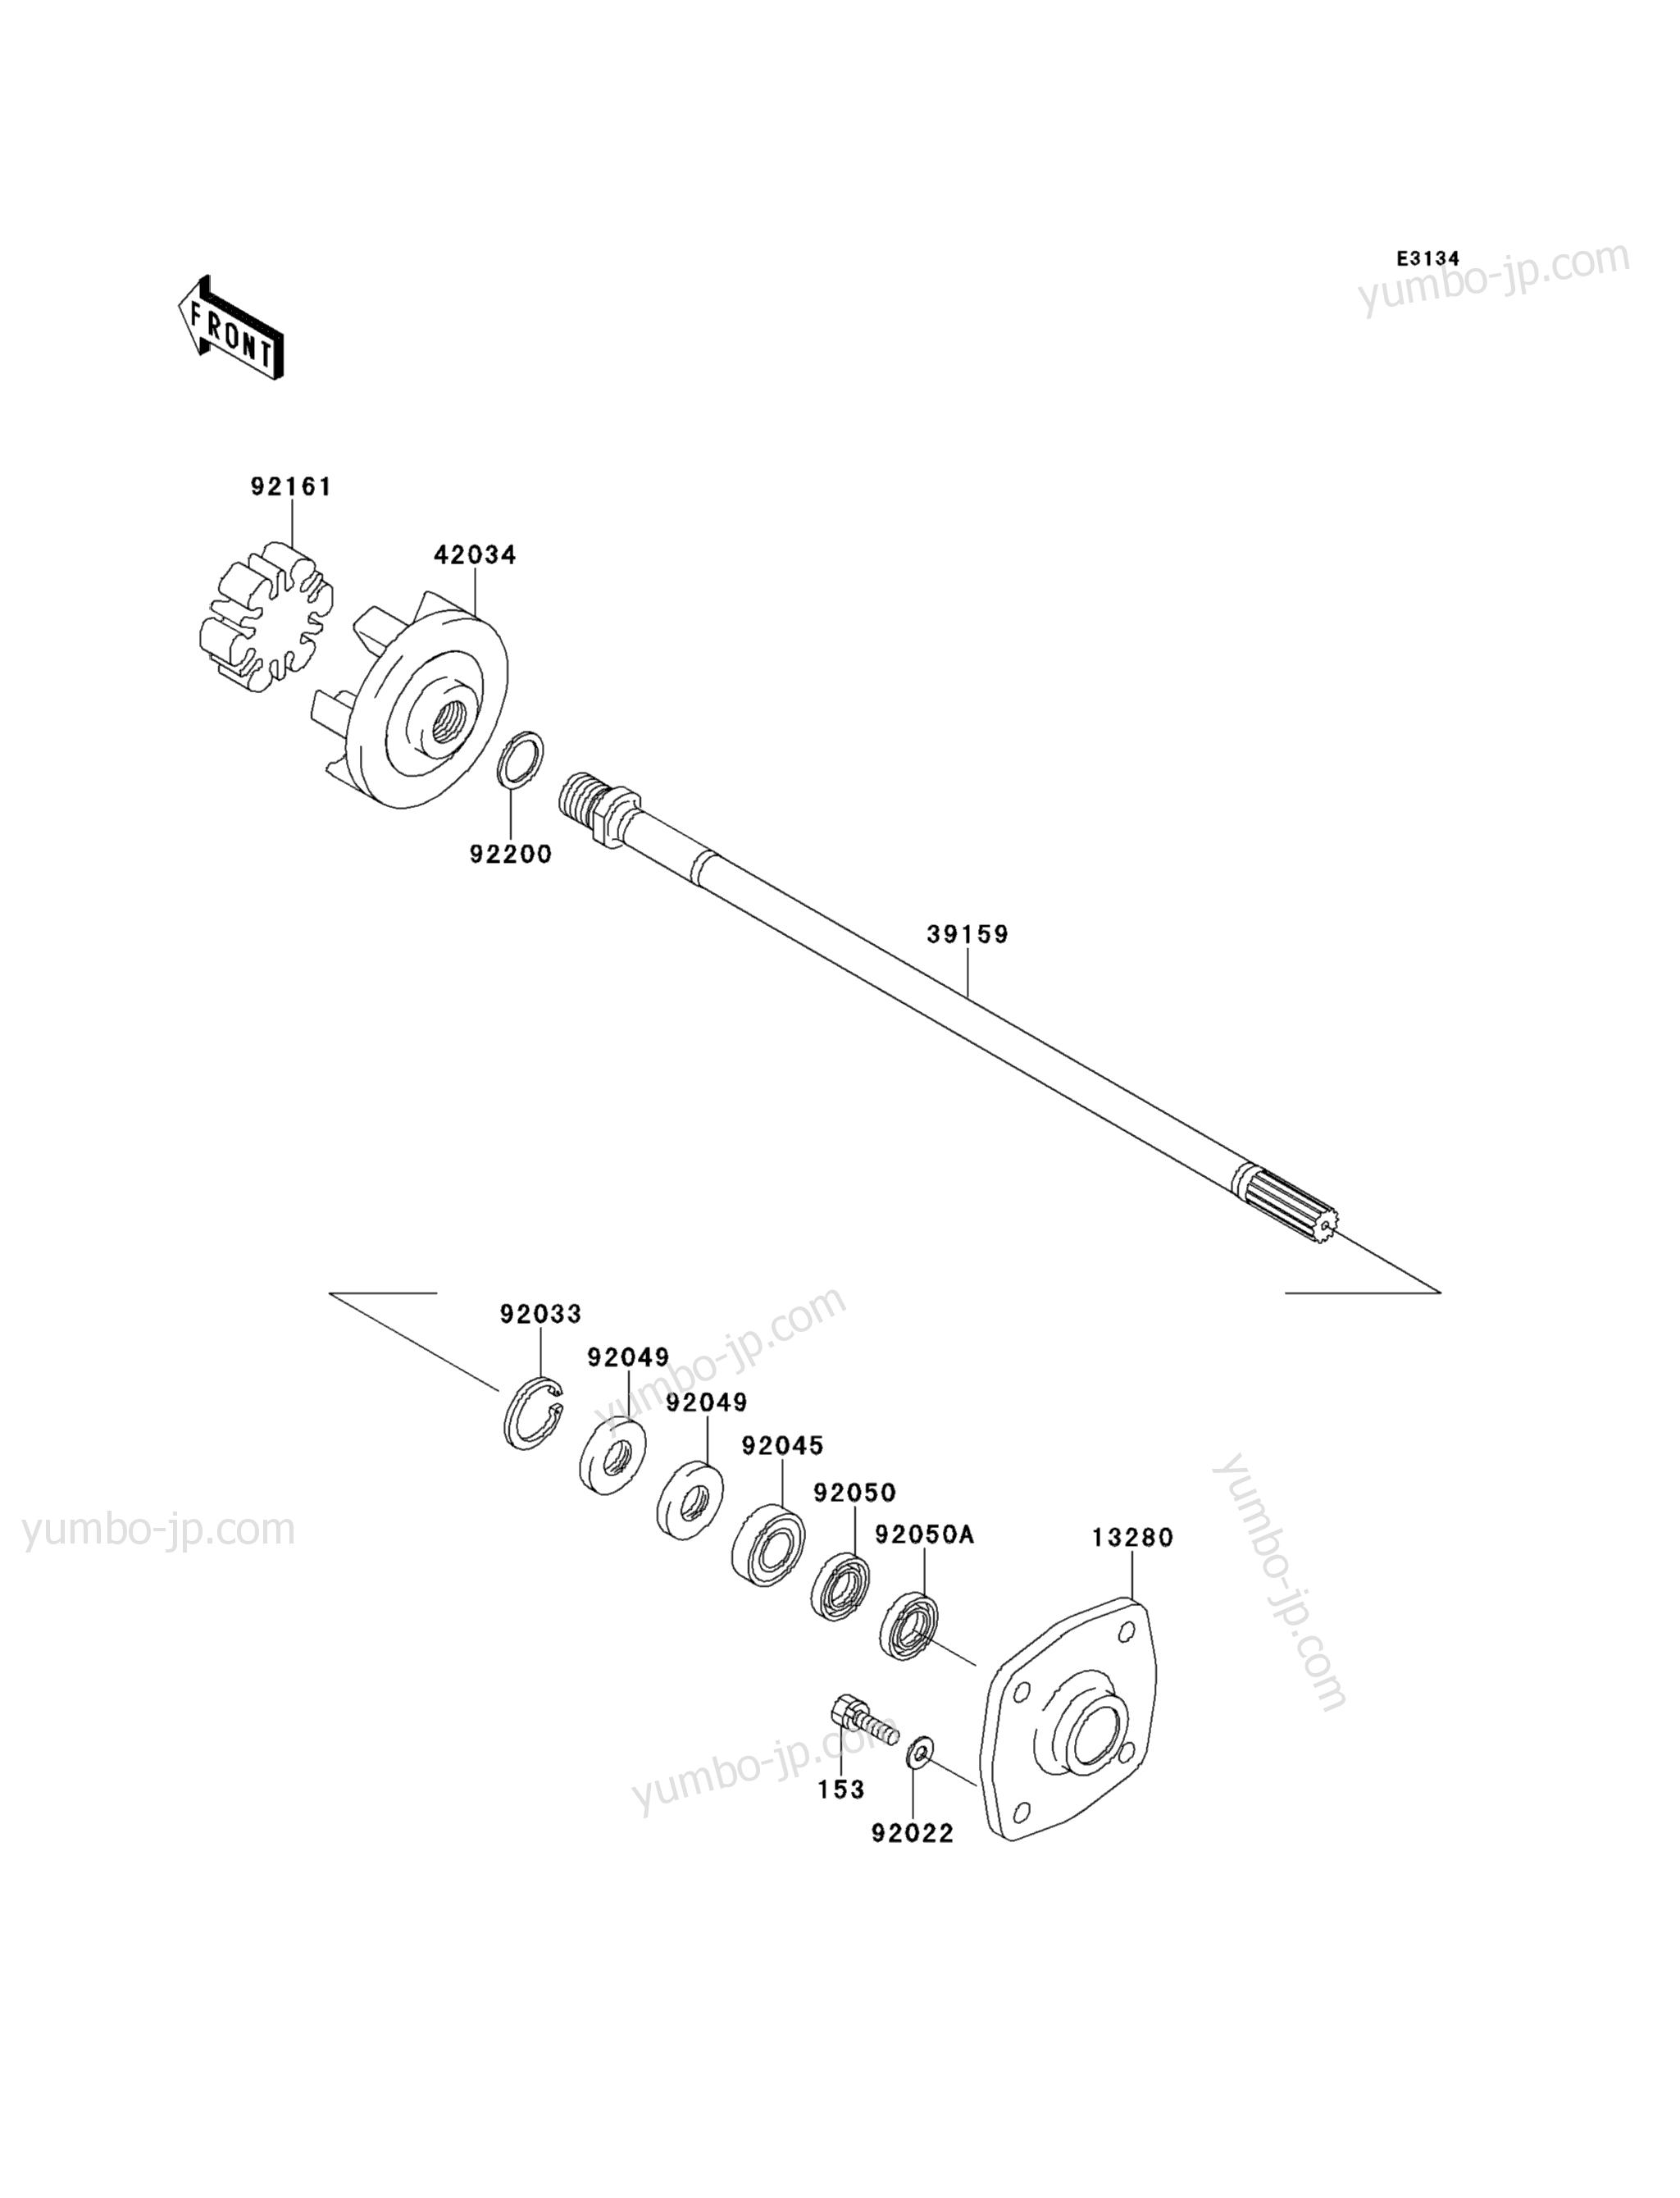 DRIVE SHAFT для гидроциклов KAWASAKI JET SKI STX-15F (JT1500ADF) 2013 г.